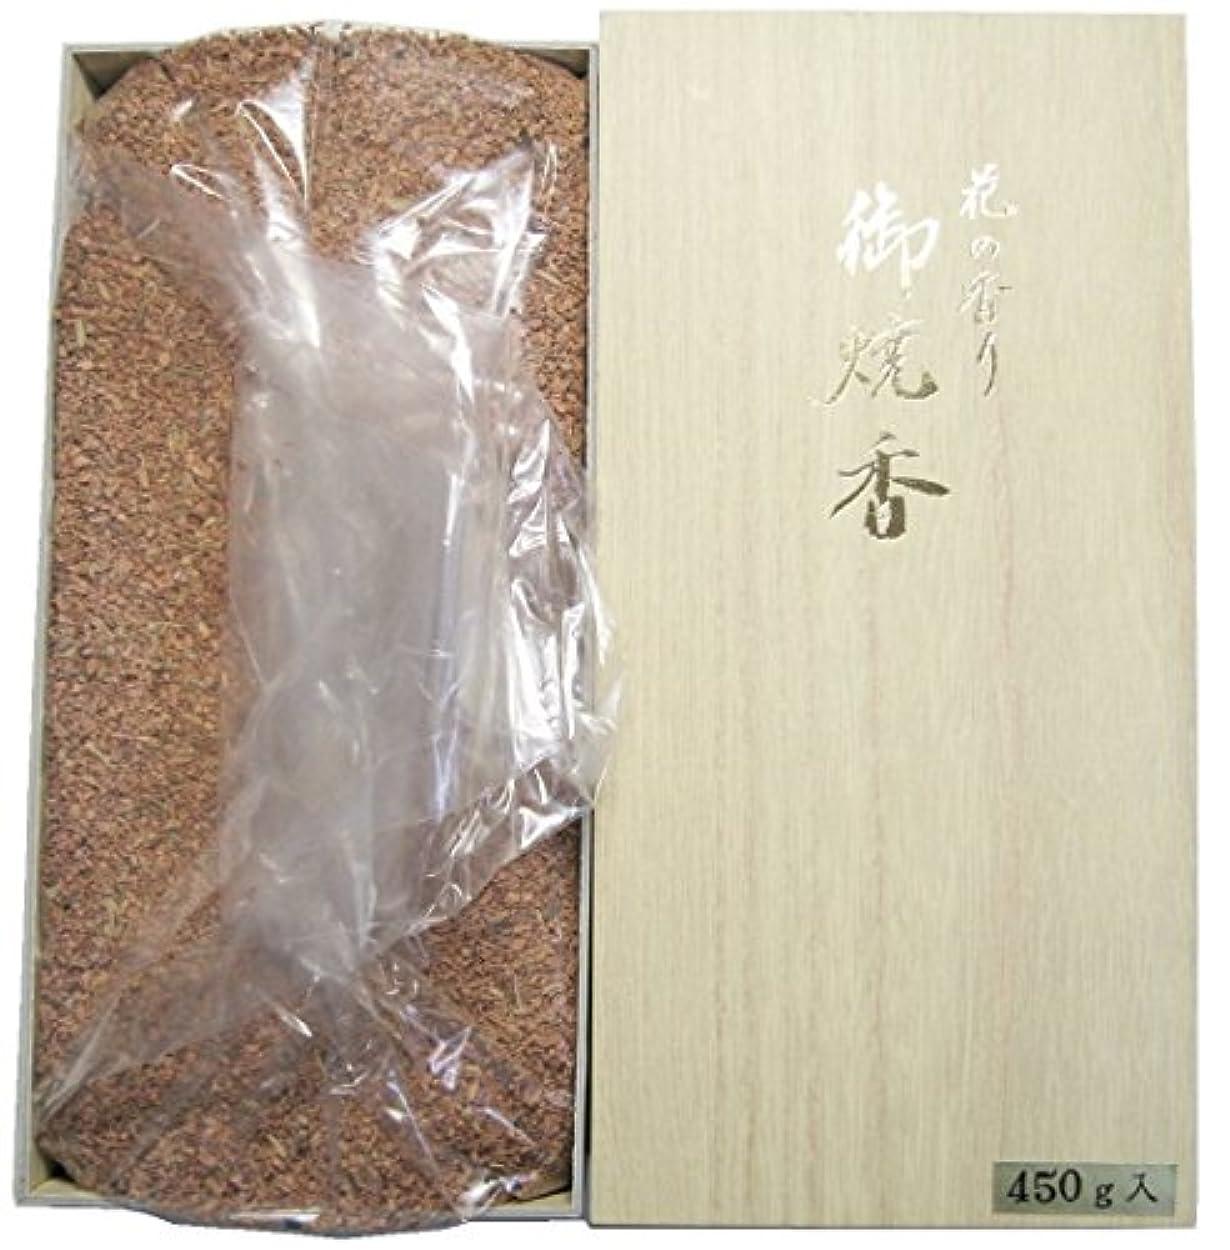 れんが小数レタス淡路梅薫堂のお香 花の香りお焼香 450g #945 お焼香用 お香